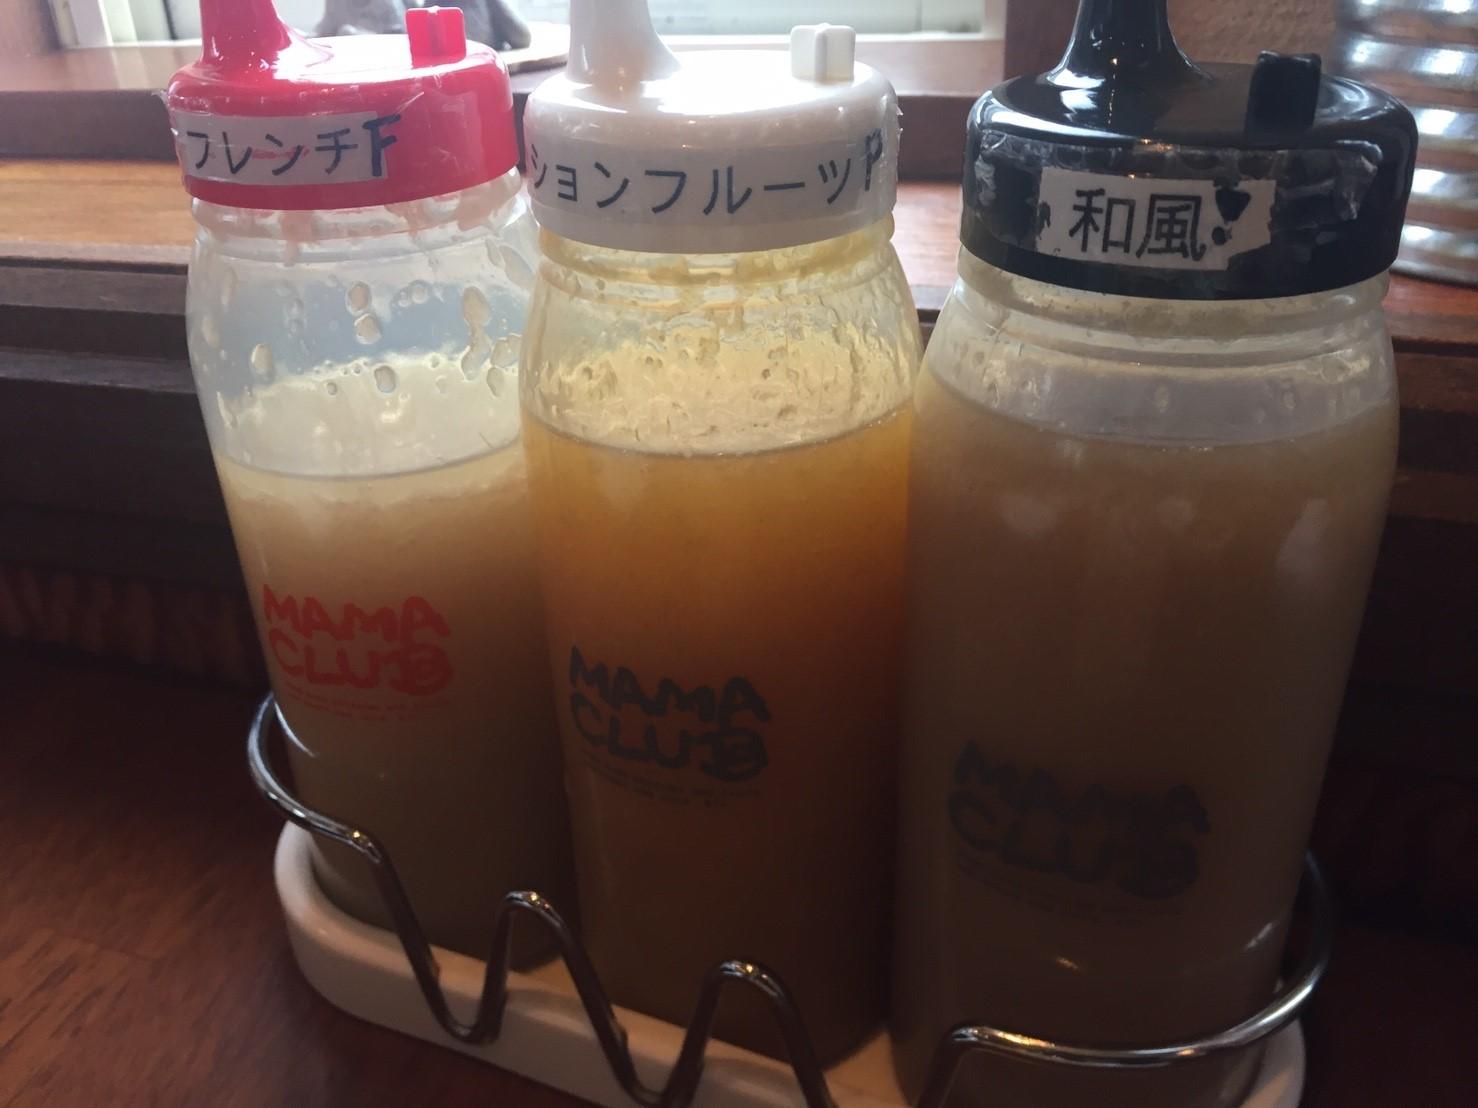 洋風食堂 kozy\'s kitchen ランチ_e0115904_16294736.jpg